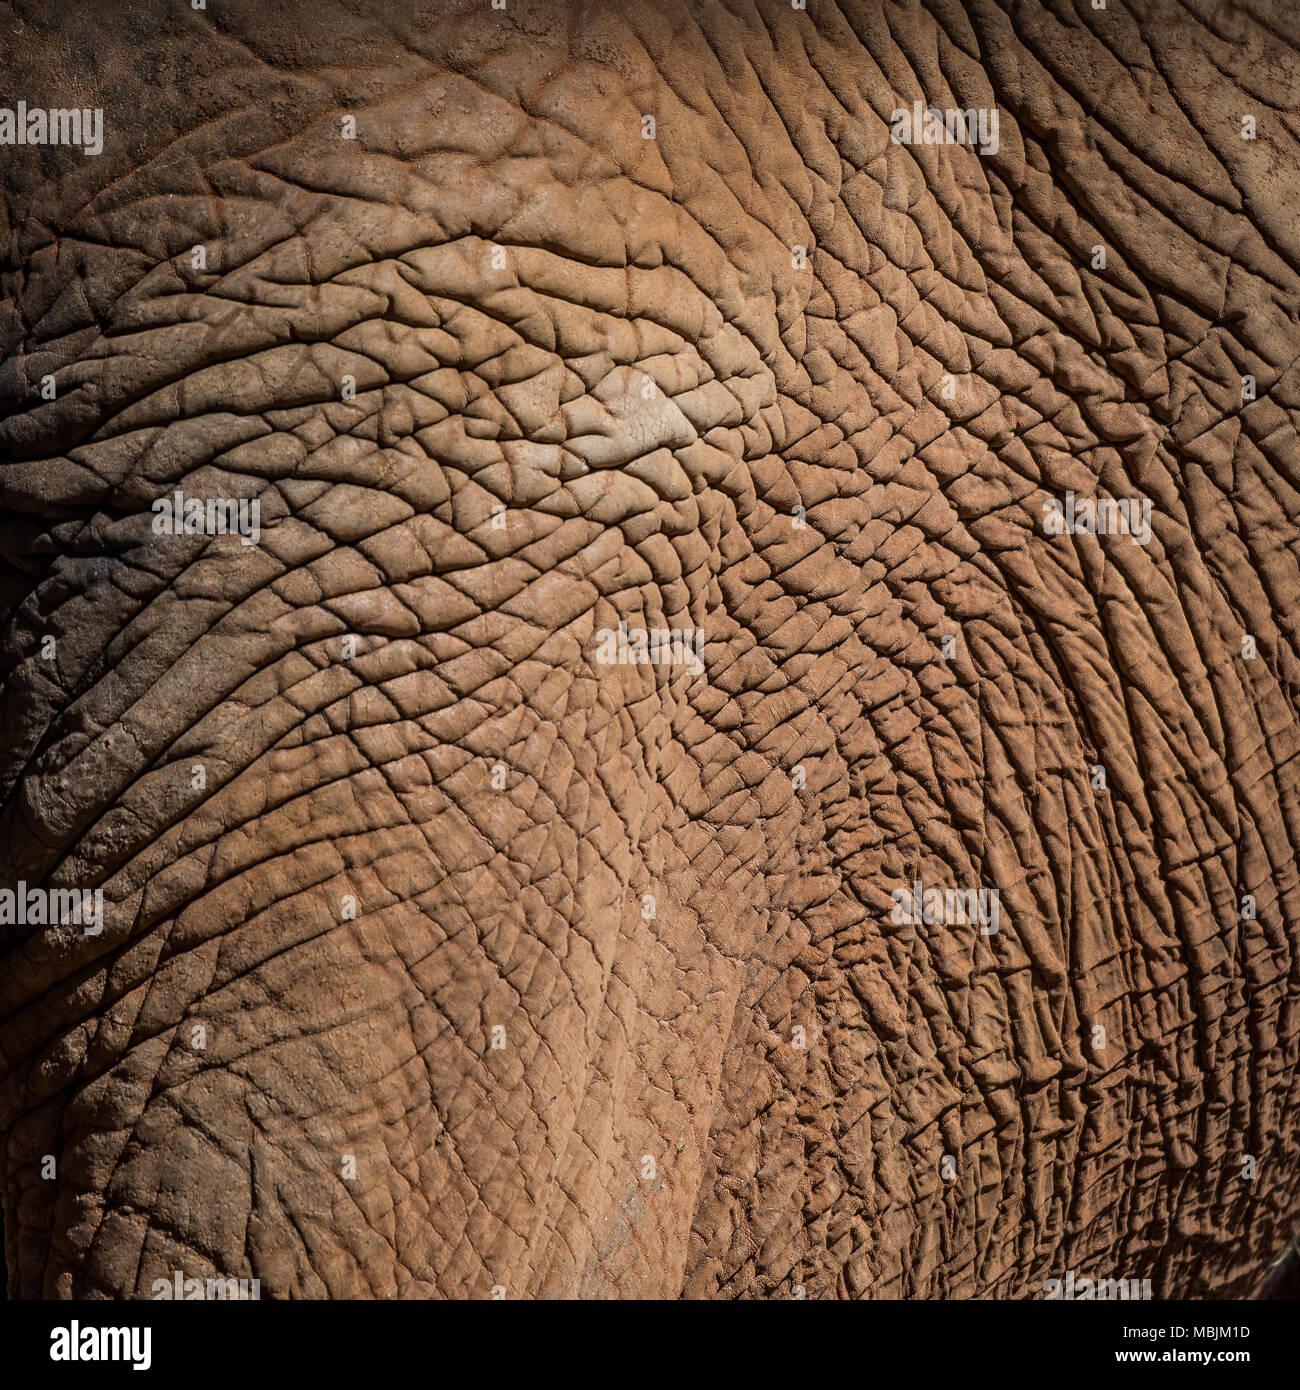 Elephant Skin Texture square background image - Stock Image